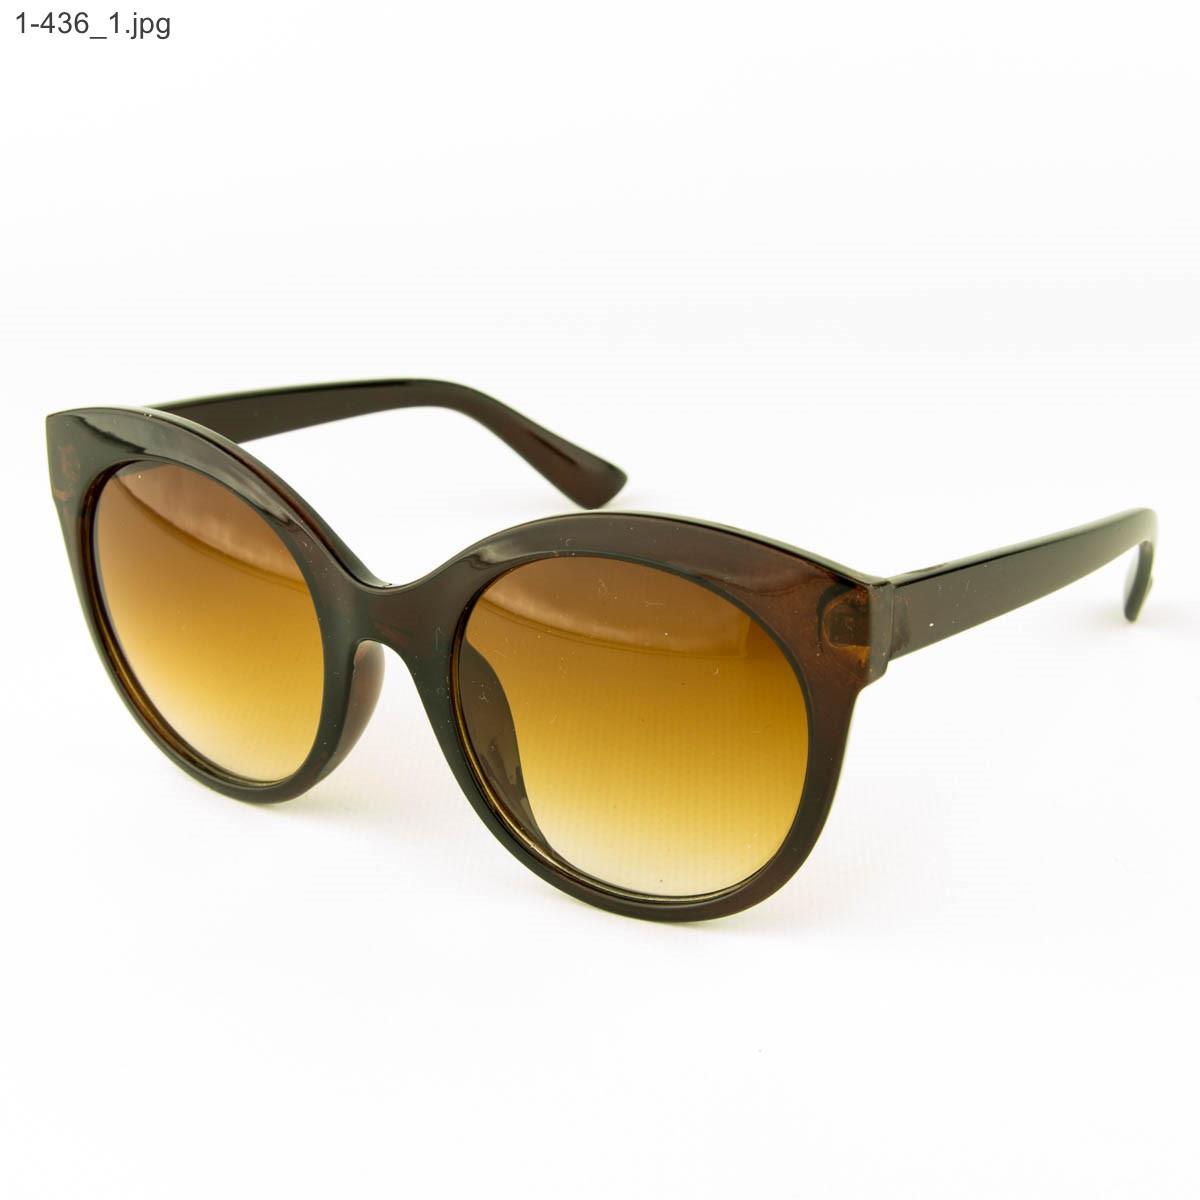 Оптом женские очки солнцезащитные - коричневые - 1-436